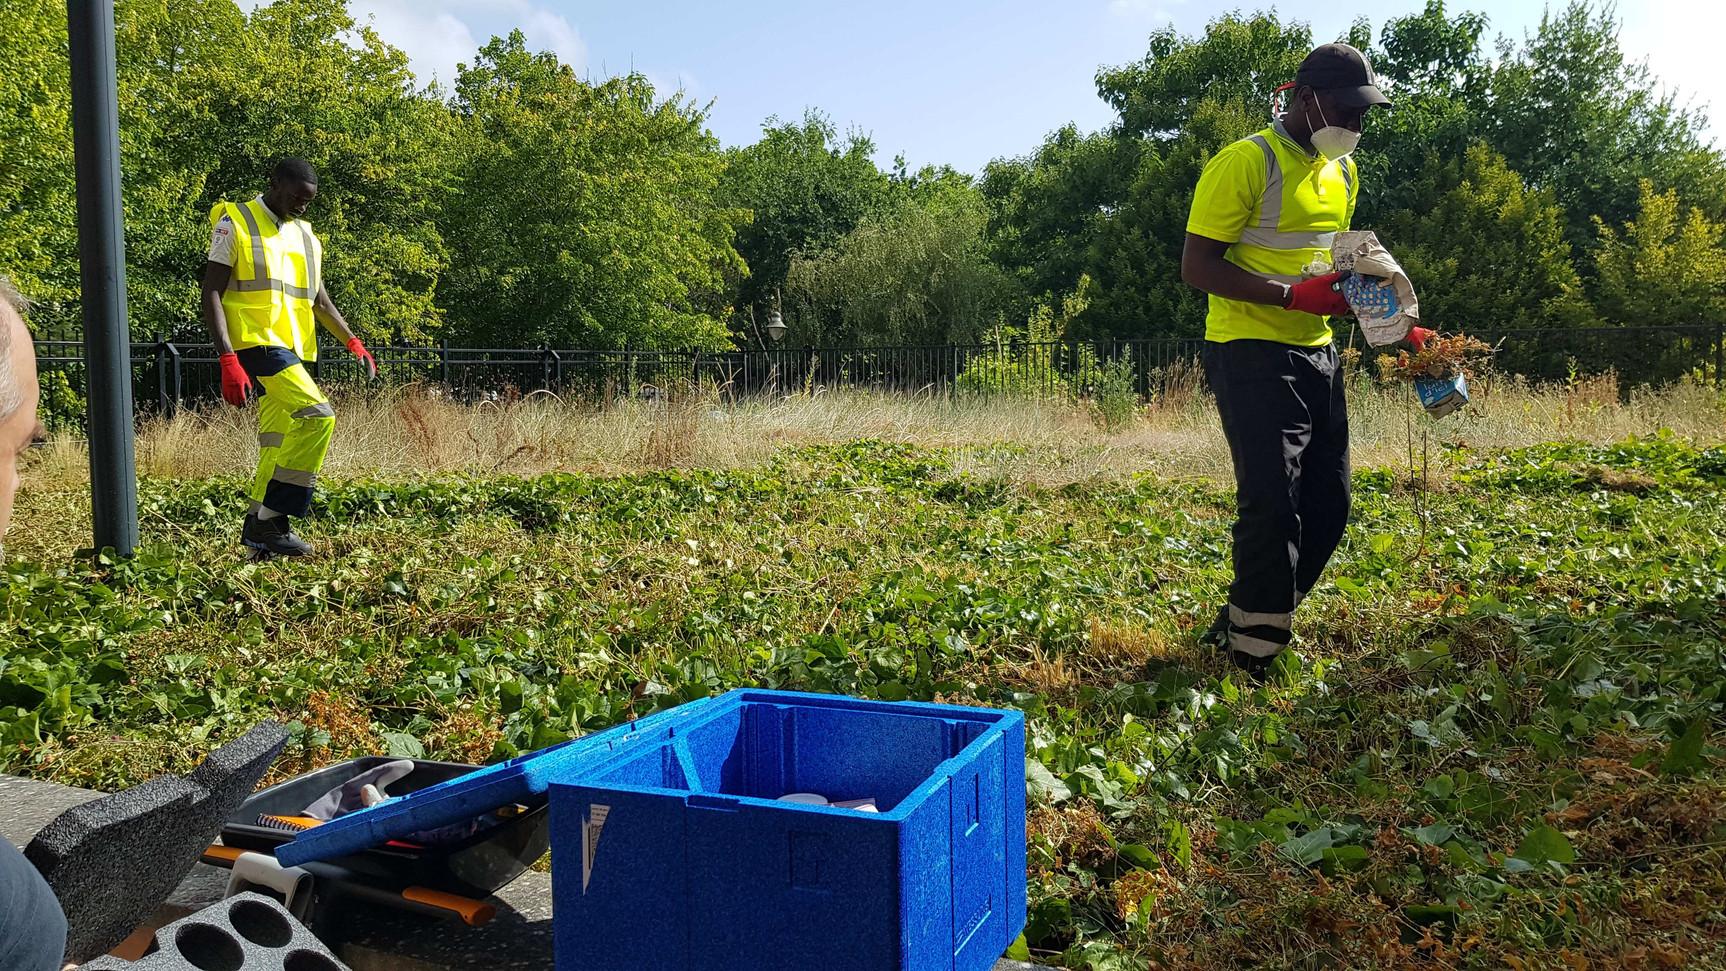 Nettoyage du dépot d'ordure au pied des batiments et analyse des sols pour les pollutions à l'amiante...